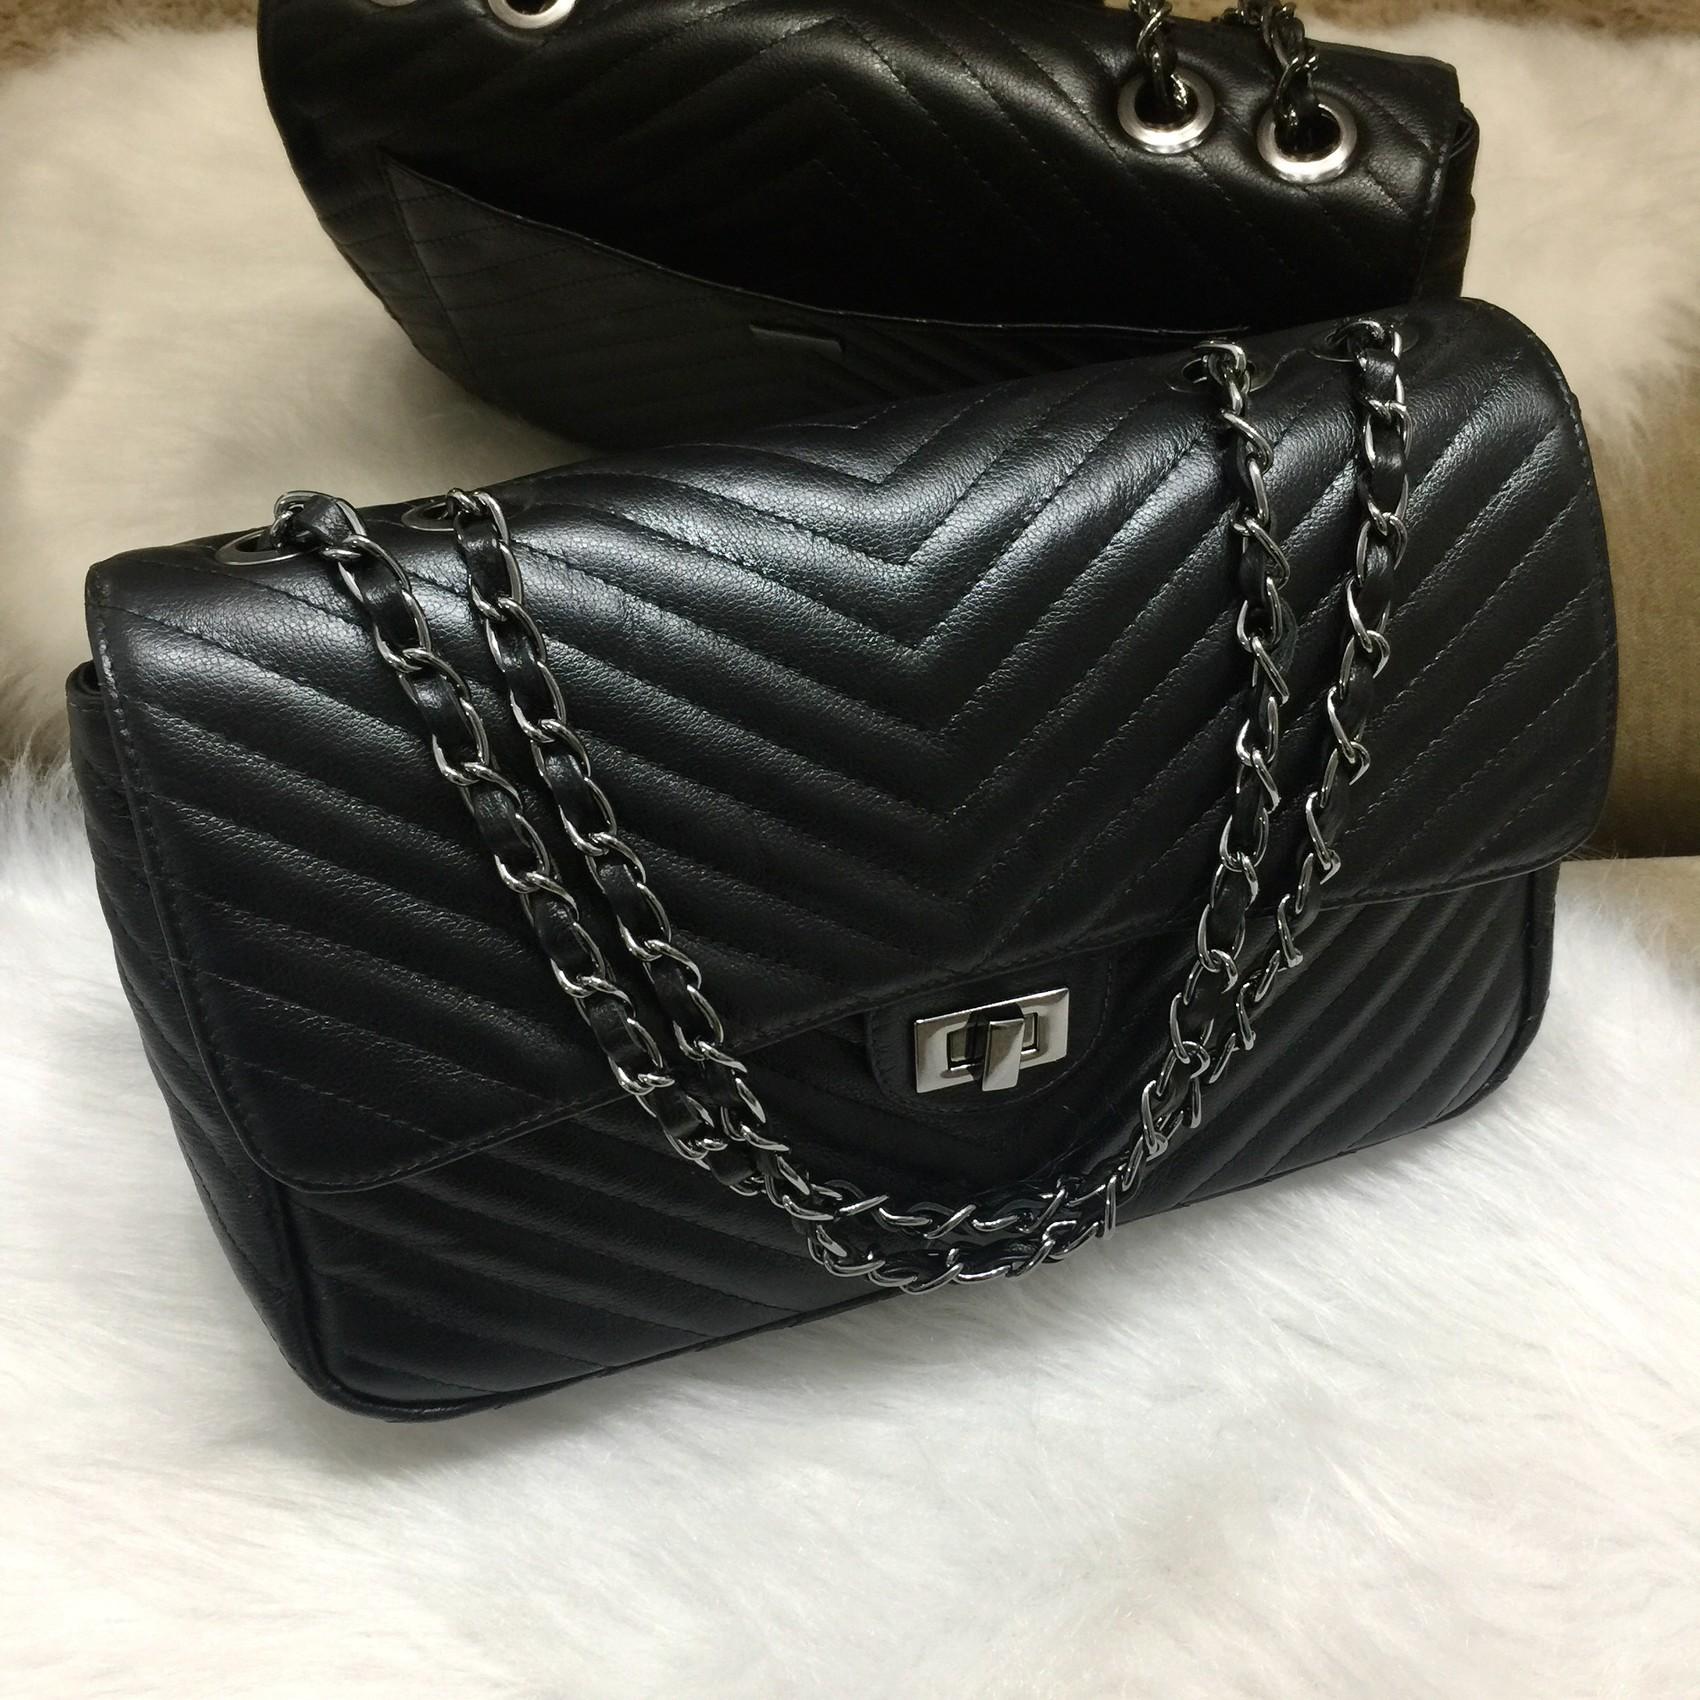 VERSALHES GRANDE Bolsa de corrente em couro legitimo preta com metais onix matelassê chevron